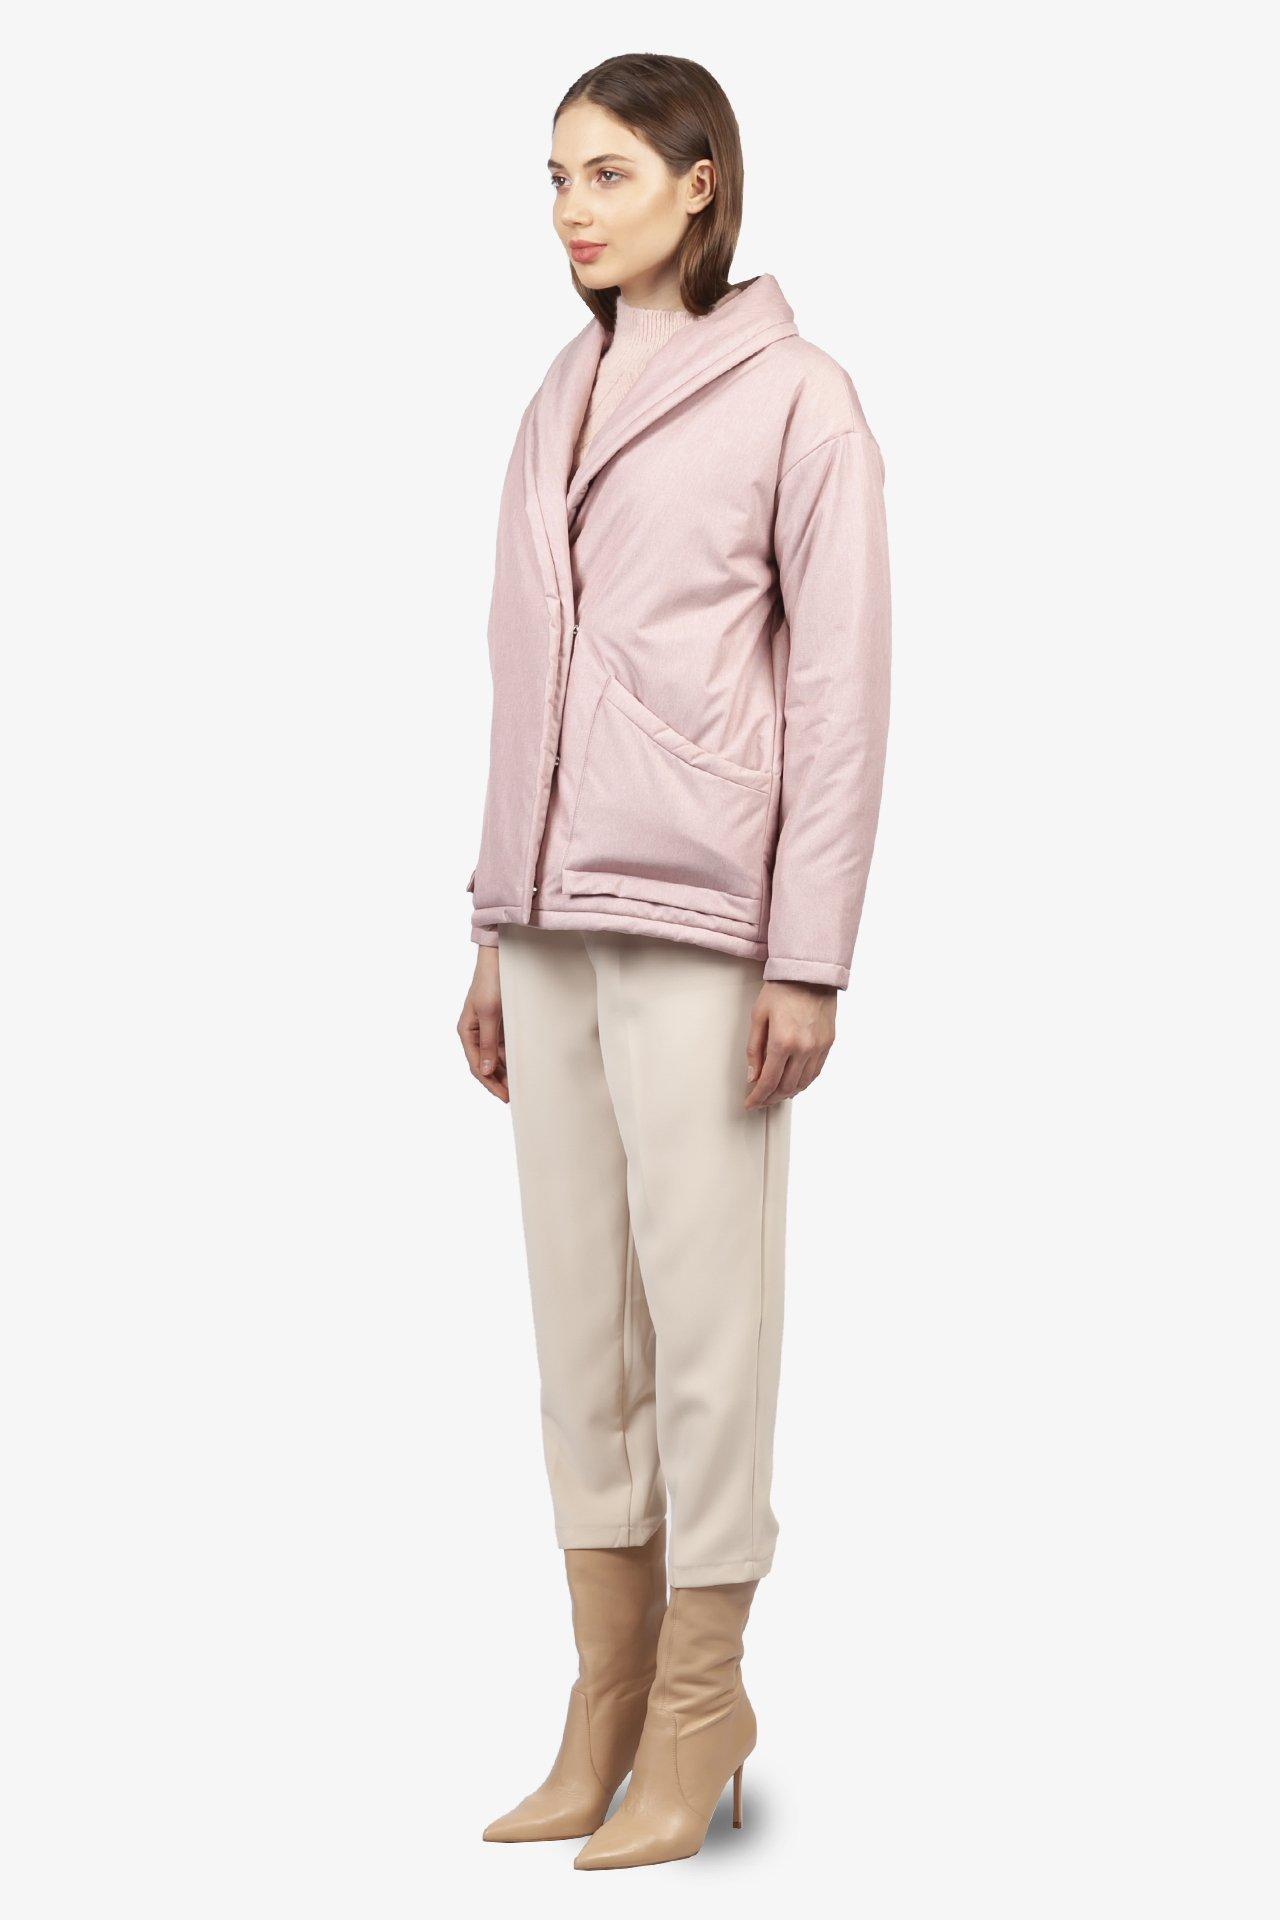 Куртка женская 027-0121 `Zheno` розовый